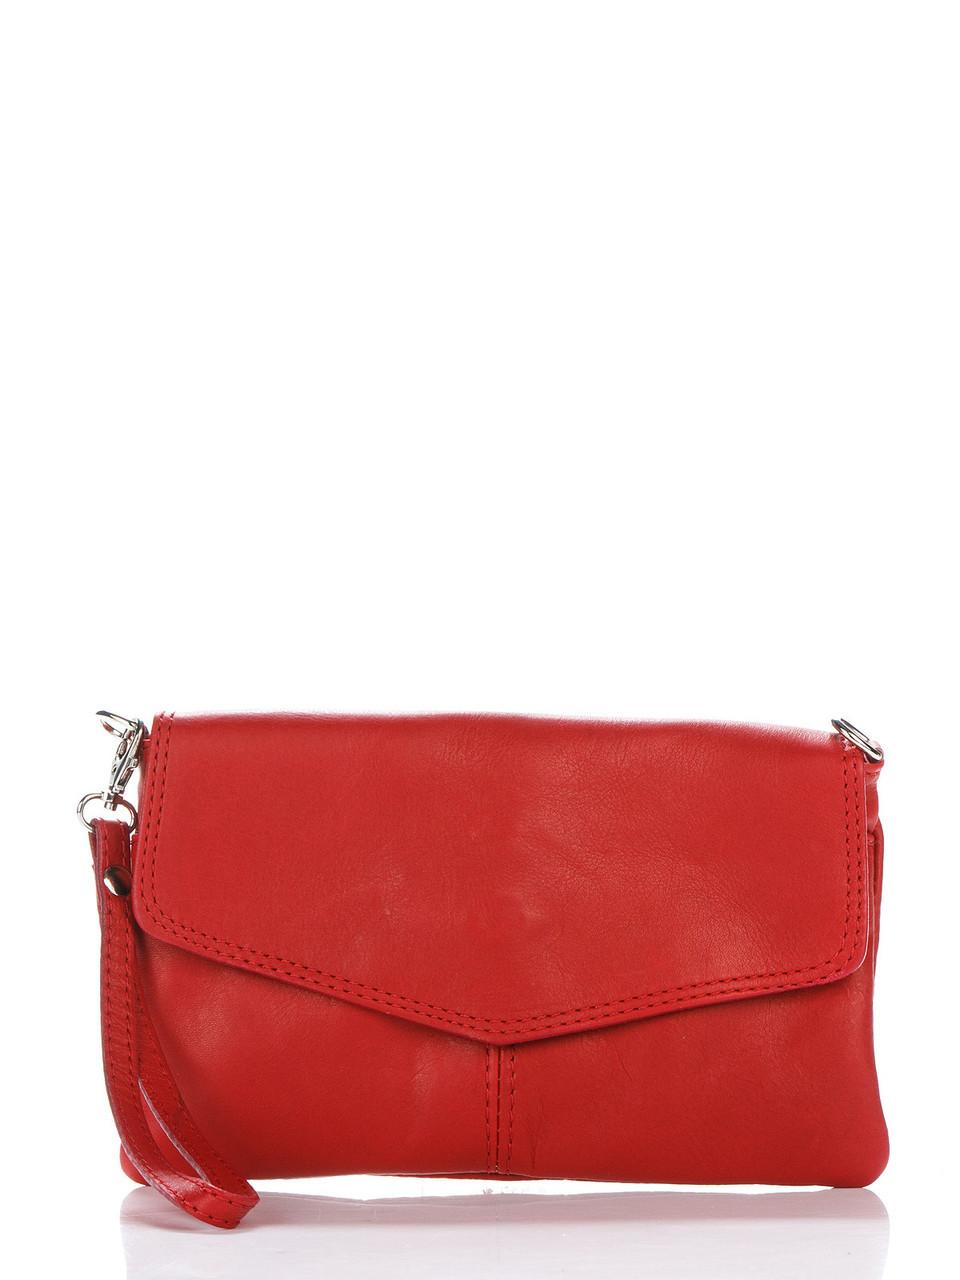 Итальянская сумка DIANA Diva's Bag цвет красный